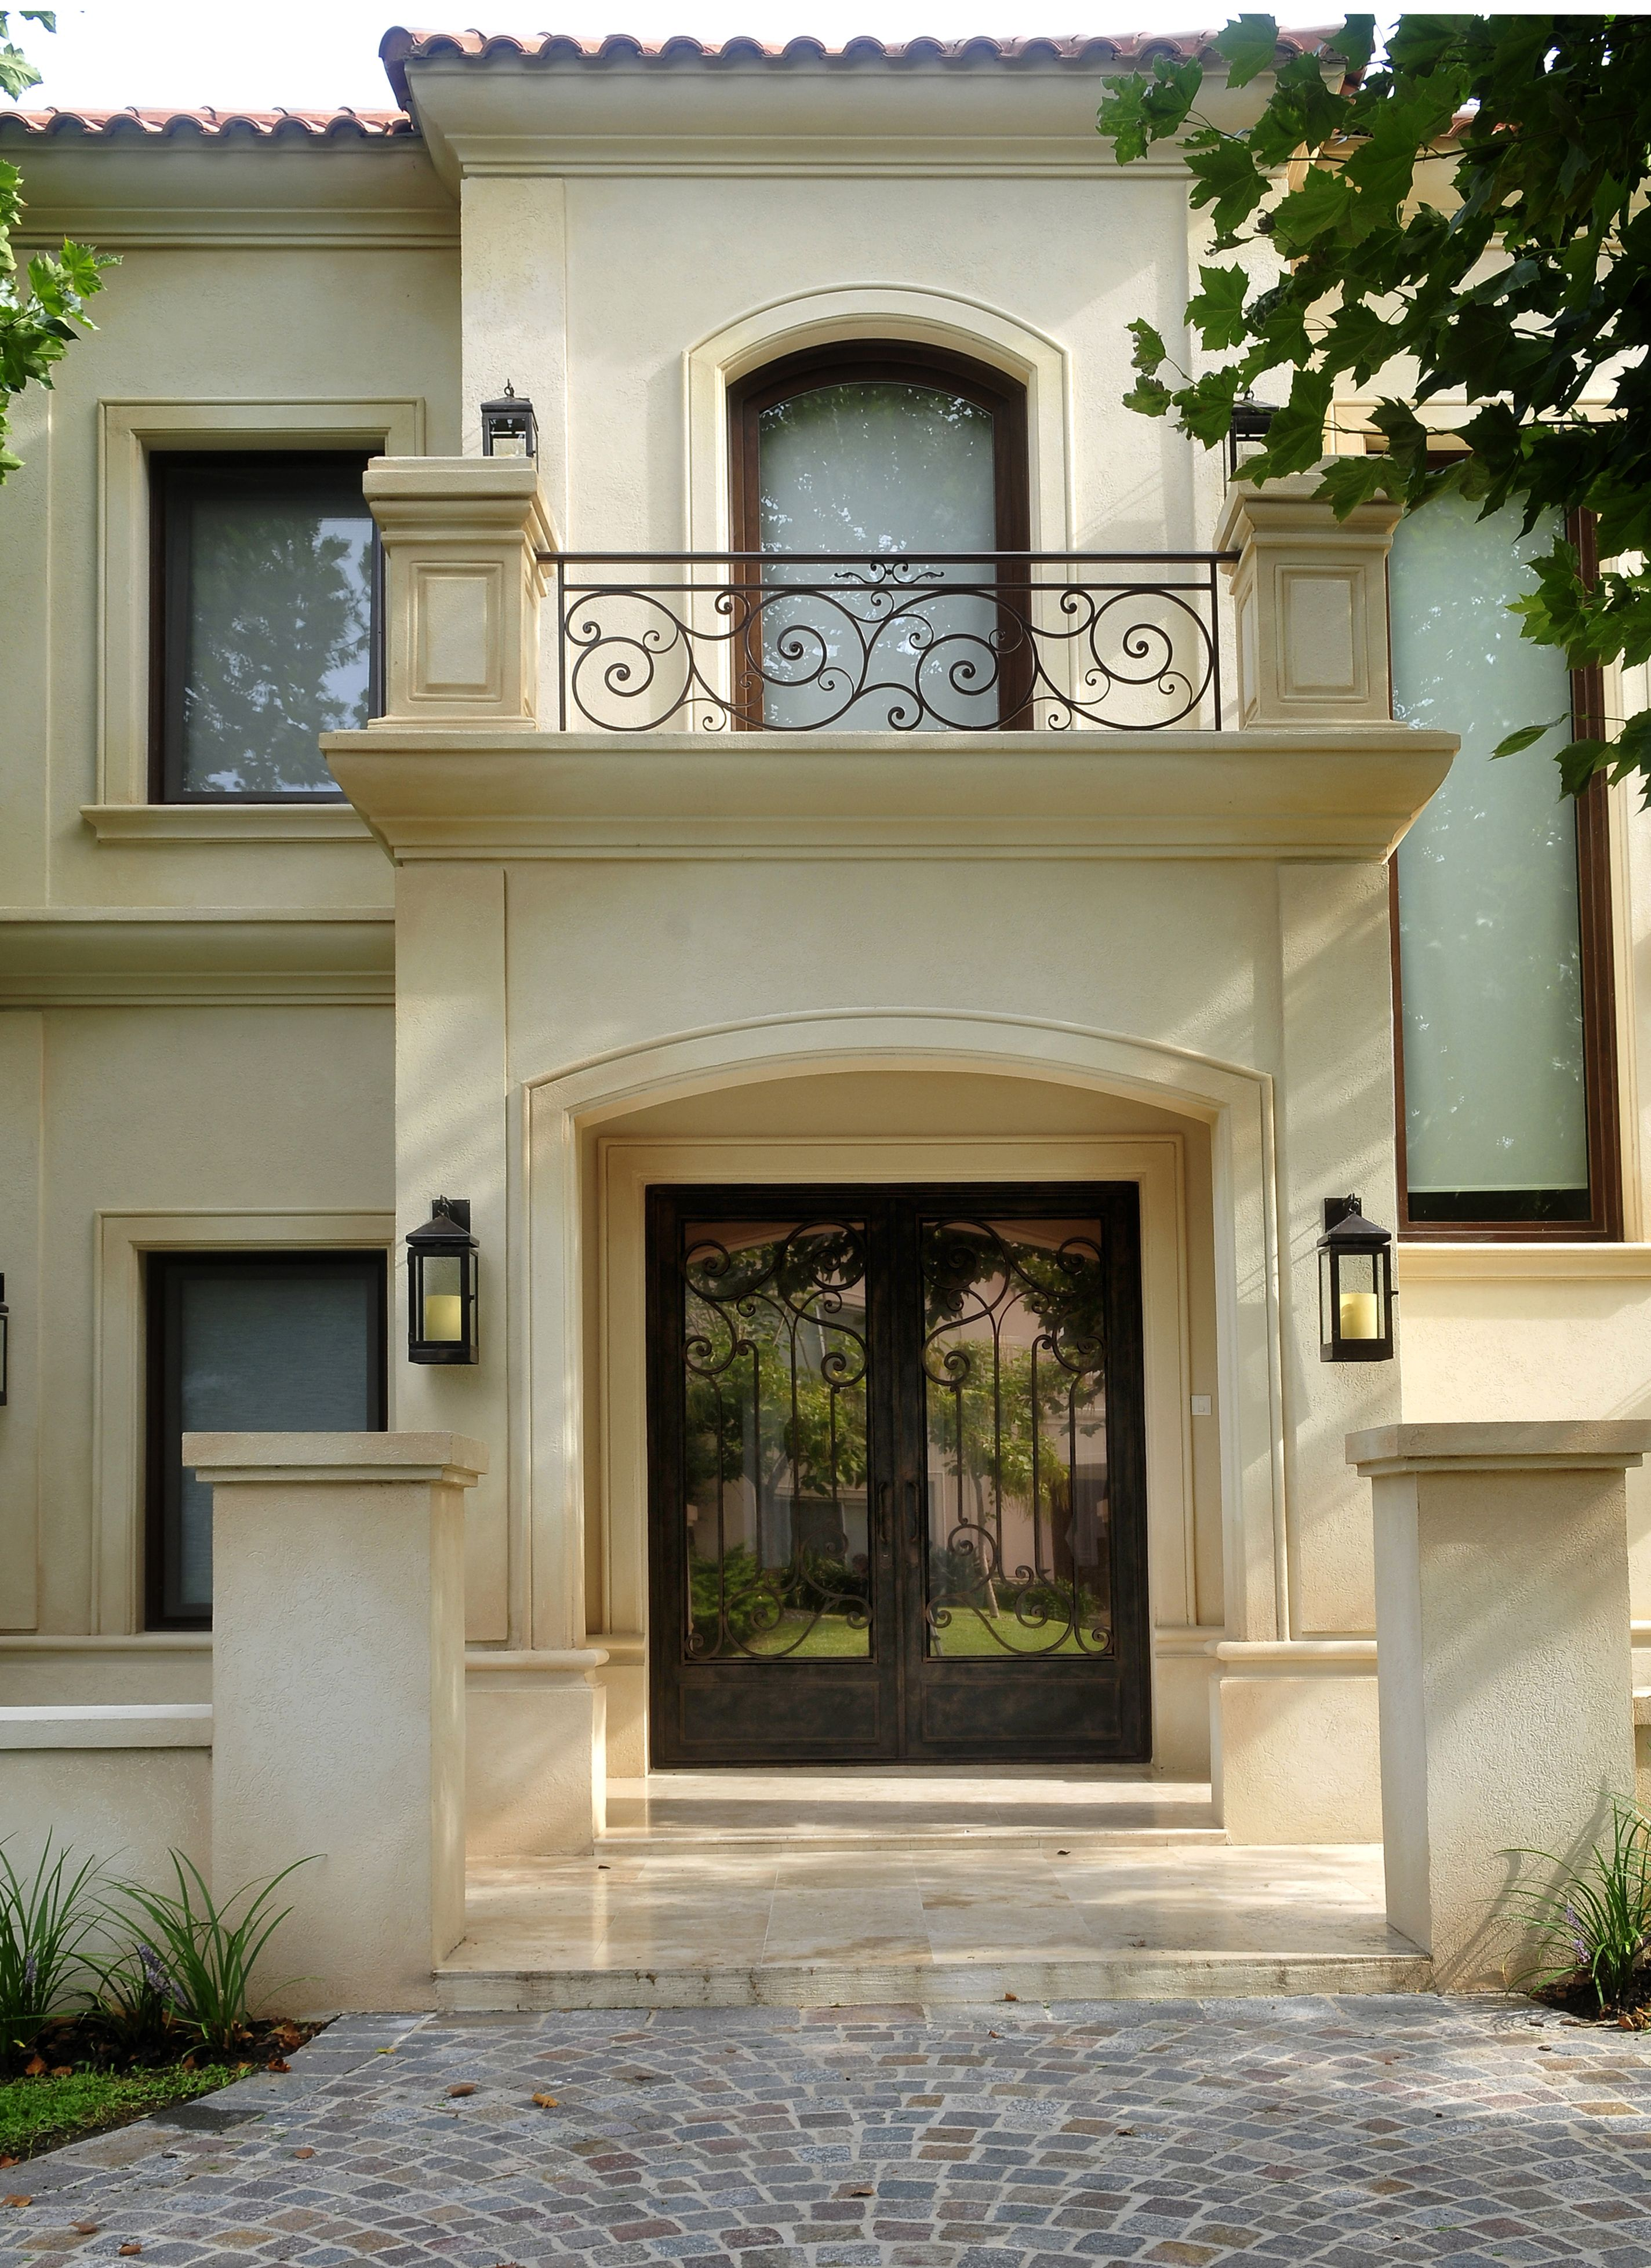 Obra fernandez borda arquitectura puerta de hierro - Puertas para casa ...